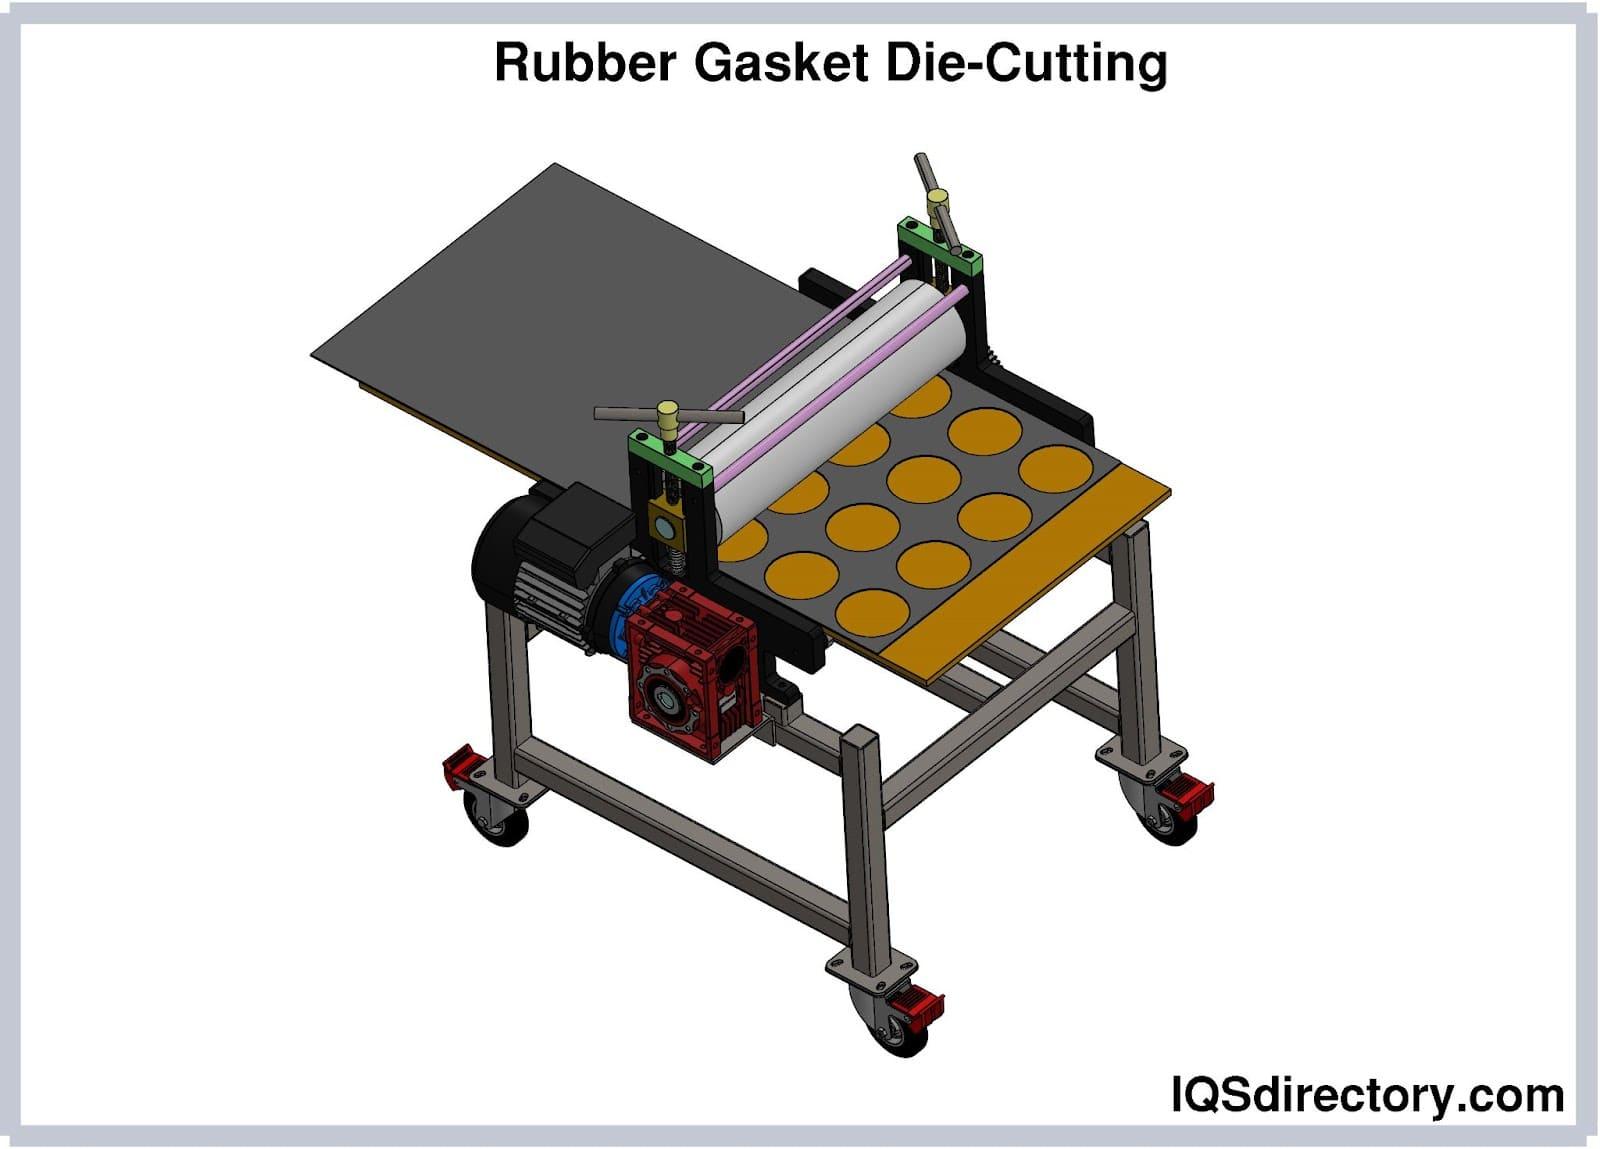 Rubber Gasket Die-Cutting